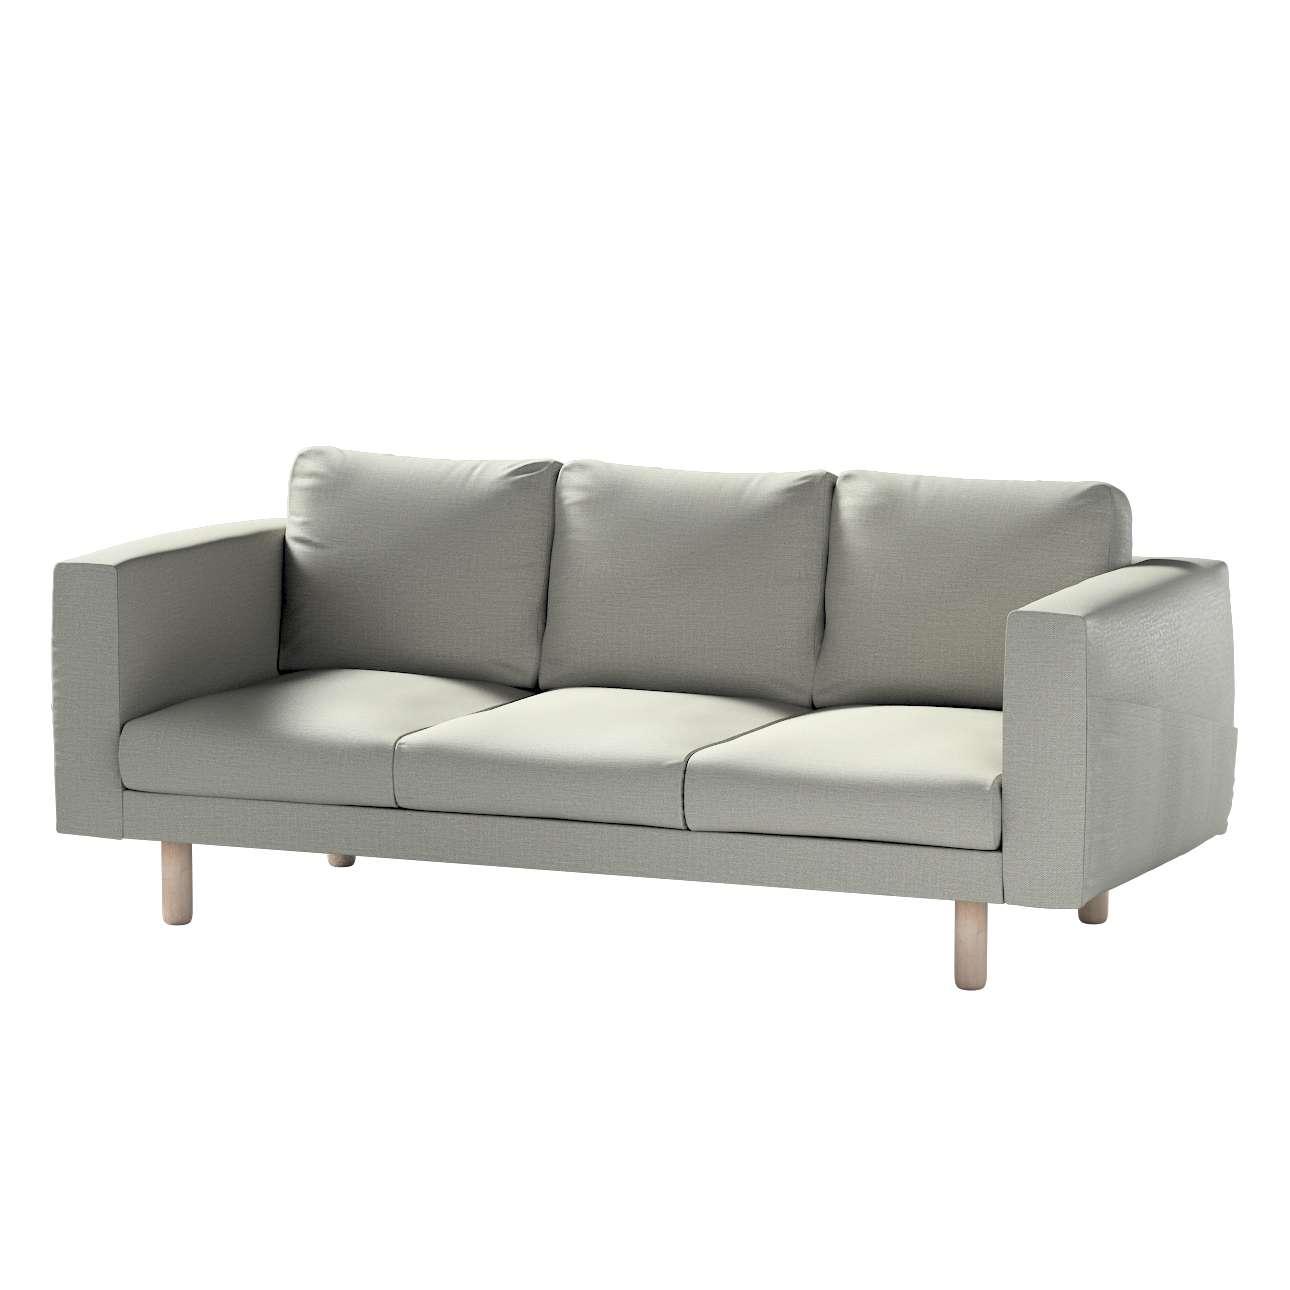 Pokrowiec na sofę Norsborg 3-osobową w kolekcji Bergen, tkanina: 161-83